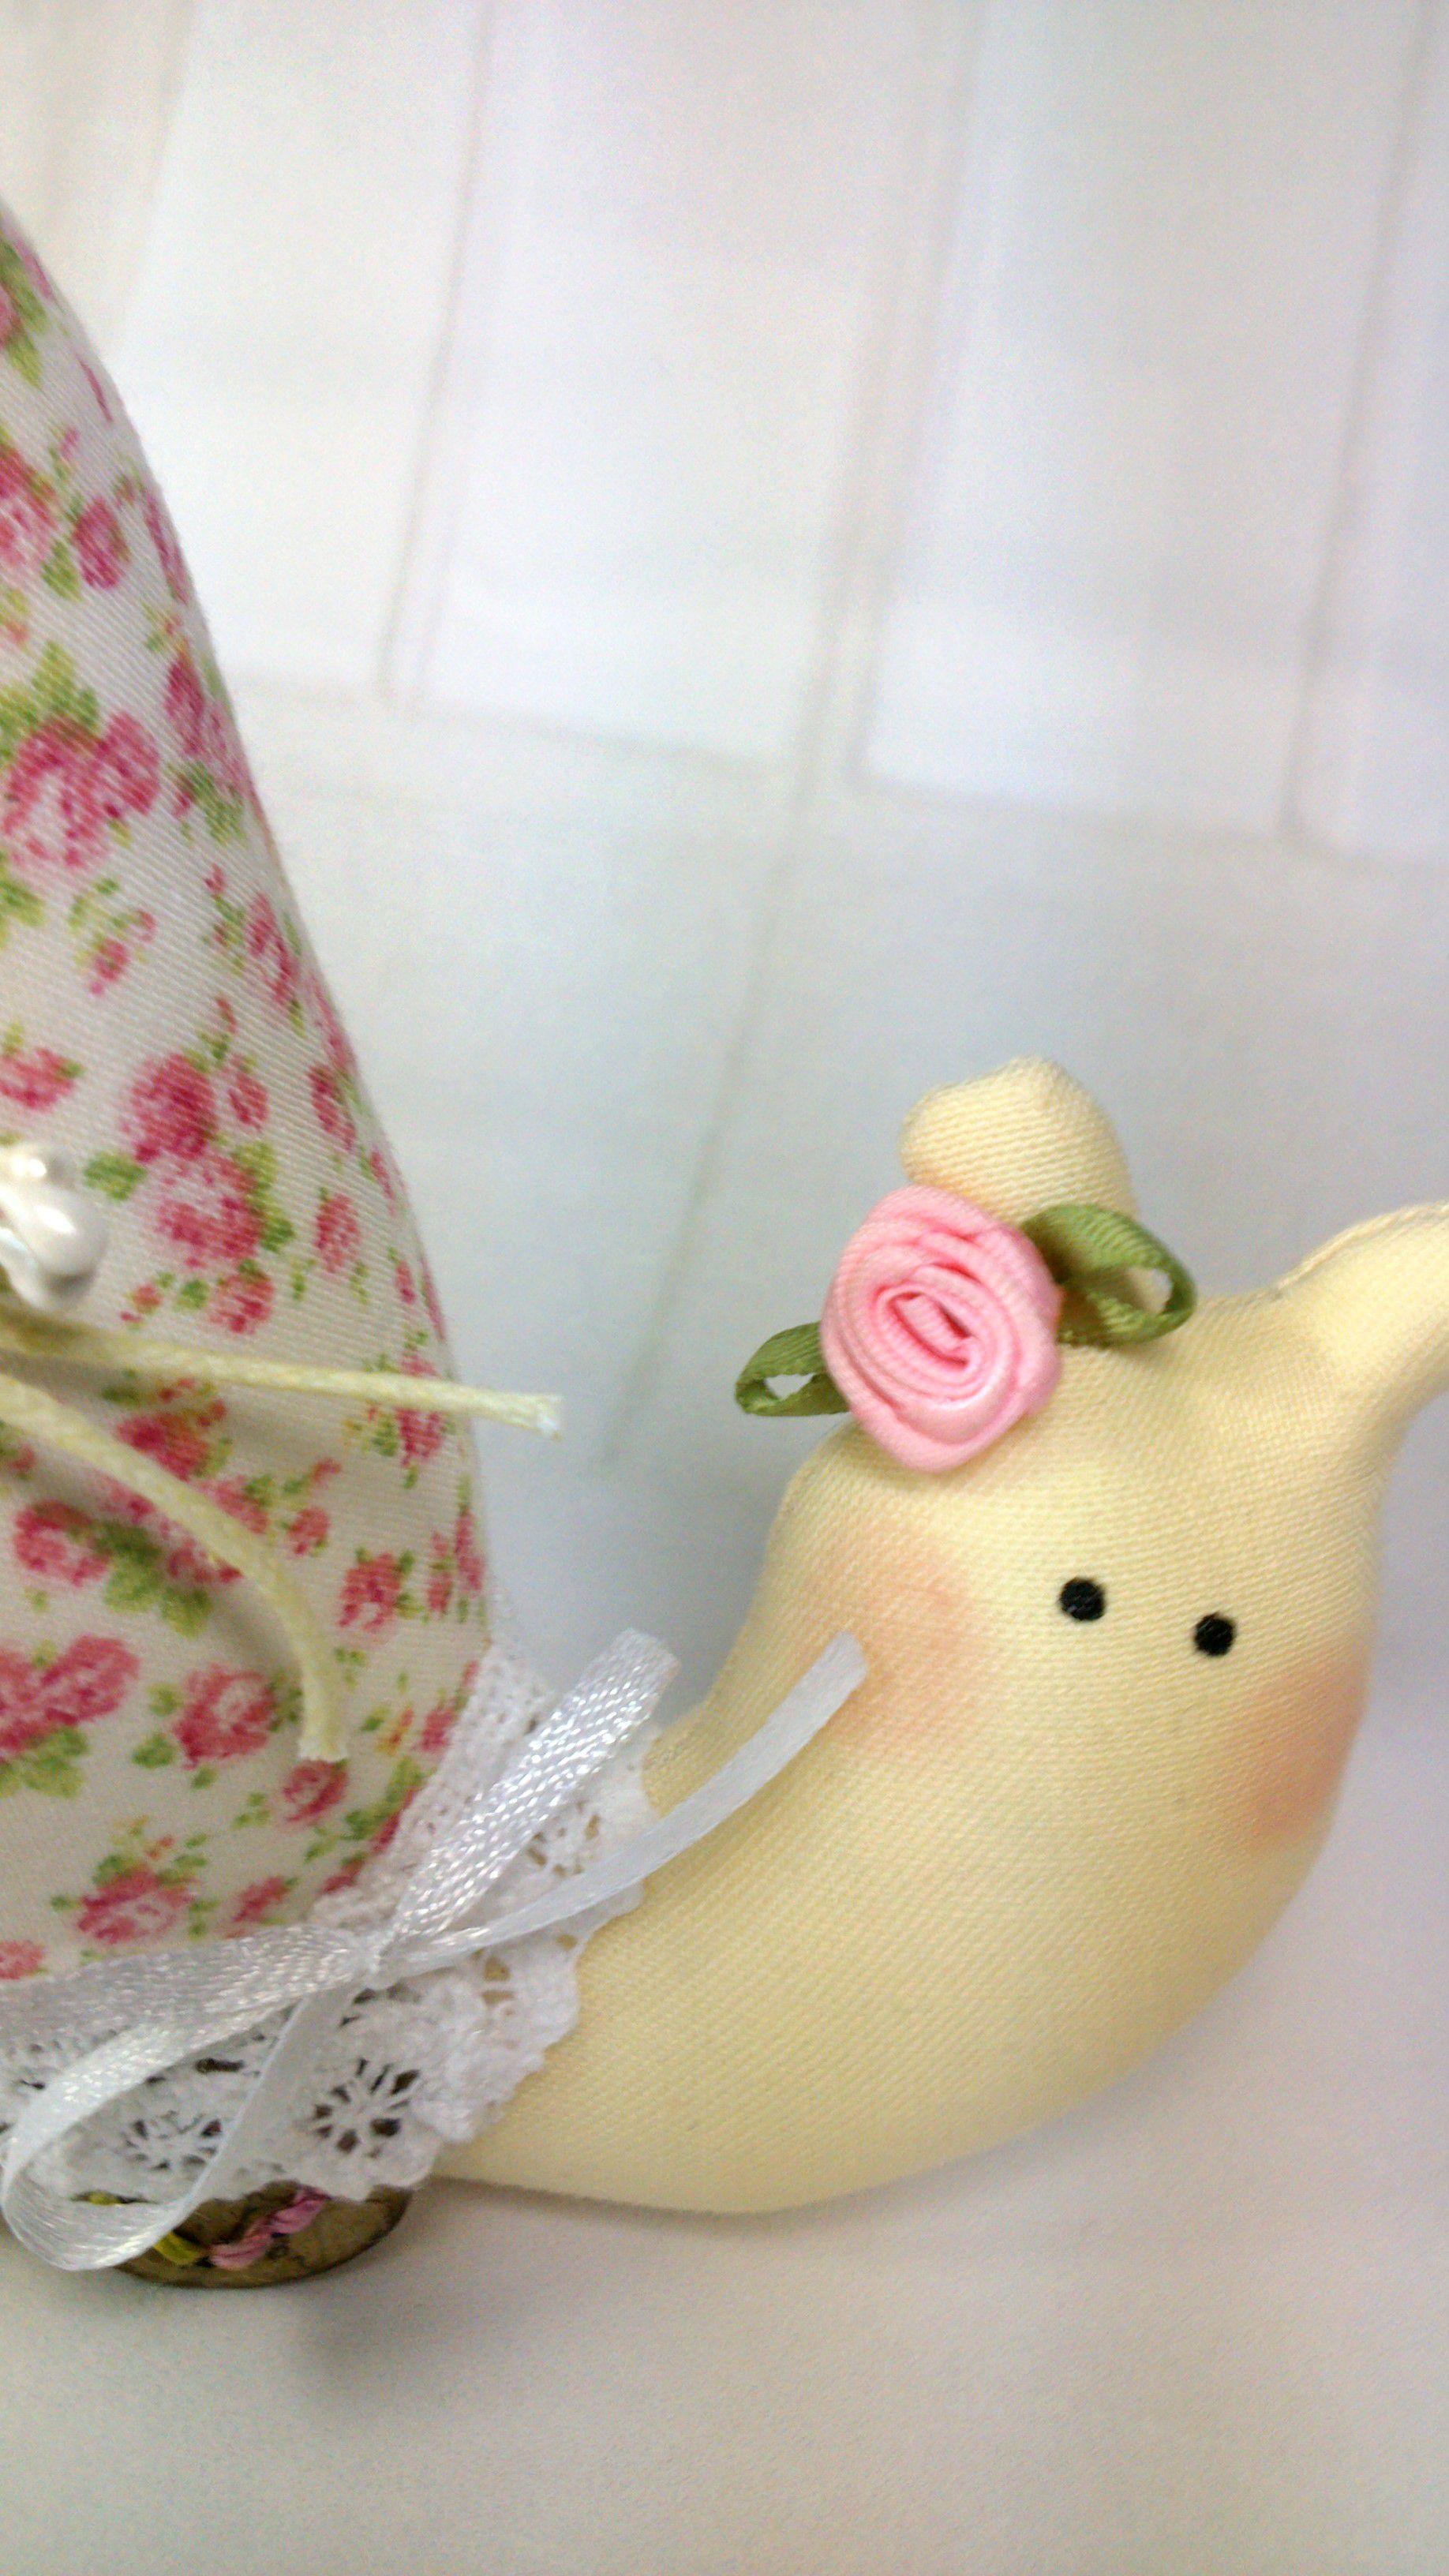 игрушкаулиткаhandmade тильдаулитка улиткаизткани улитка улиткаручнаяработа текстильнаяулитка улиткаигольница улиткатекстильная улиткатильда